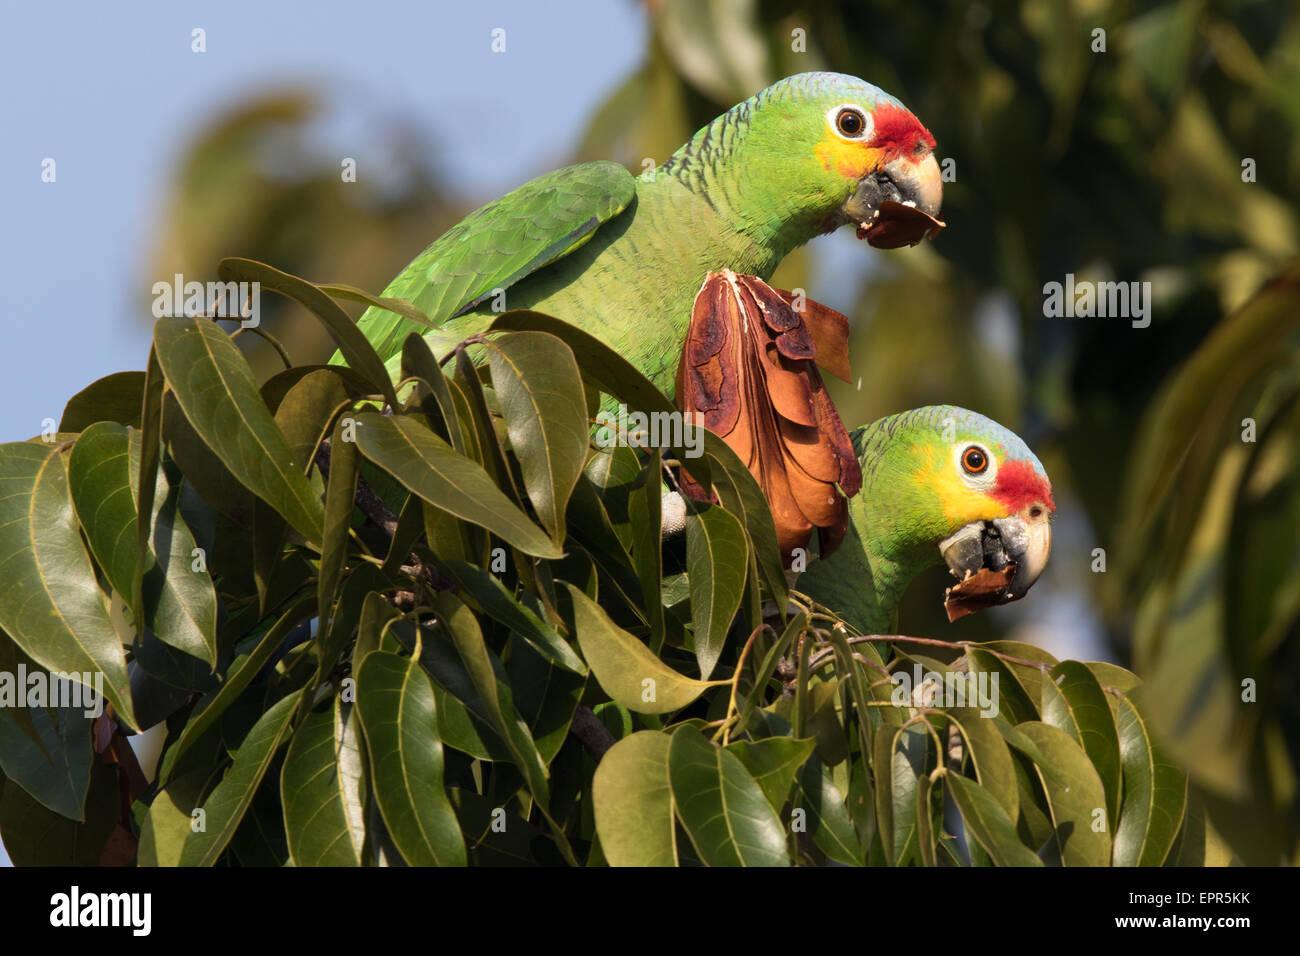 Paire de Red-lored (Amazona autumnalis) se nourrissant de graines dans un arbre Photo Stock